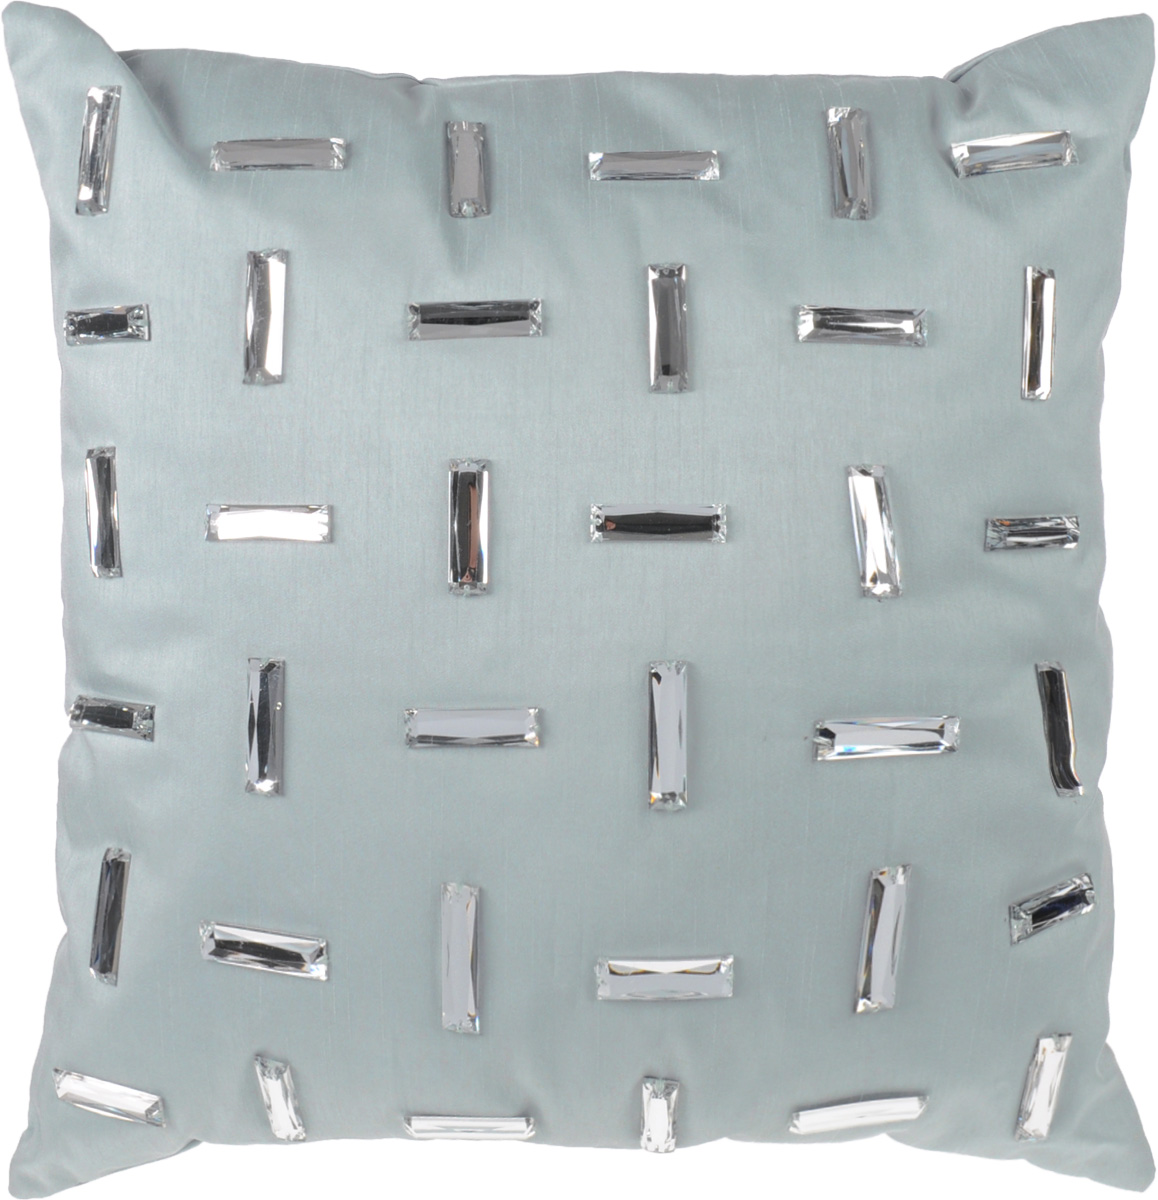 Декоративная подушка Коллекция, цвет: серый, 40 см х 40 см. ПДА-6ПДА-6Декоративная подушка Коллекция, выполненная из полиэстера серого цвета с набивкой из силиконизированного волокна, станет отличным подарком для каждого. Подушка расшита декоративными блестящими элементами . Съемный чехол закрывается на застежку-молнию.Такая подушка подарит комфорт и уют, а также станет оригинальным украшением интерьера. Характеристики:Материал чехла: 100% полиэстер, пластик. Набивка: 100% силиконизированное волокно. Размер подушки: 40 см x 40 см. Артикул: ПДА-6.